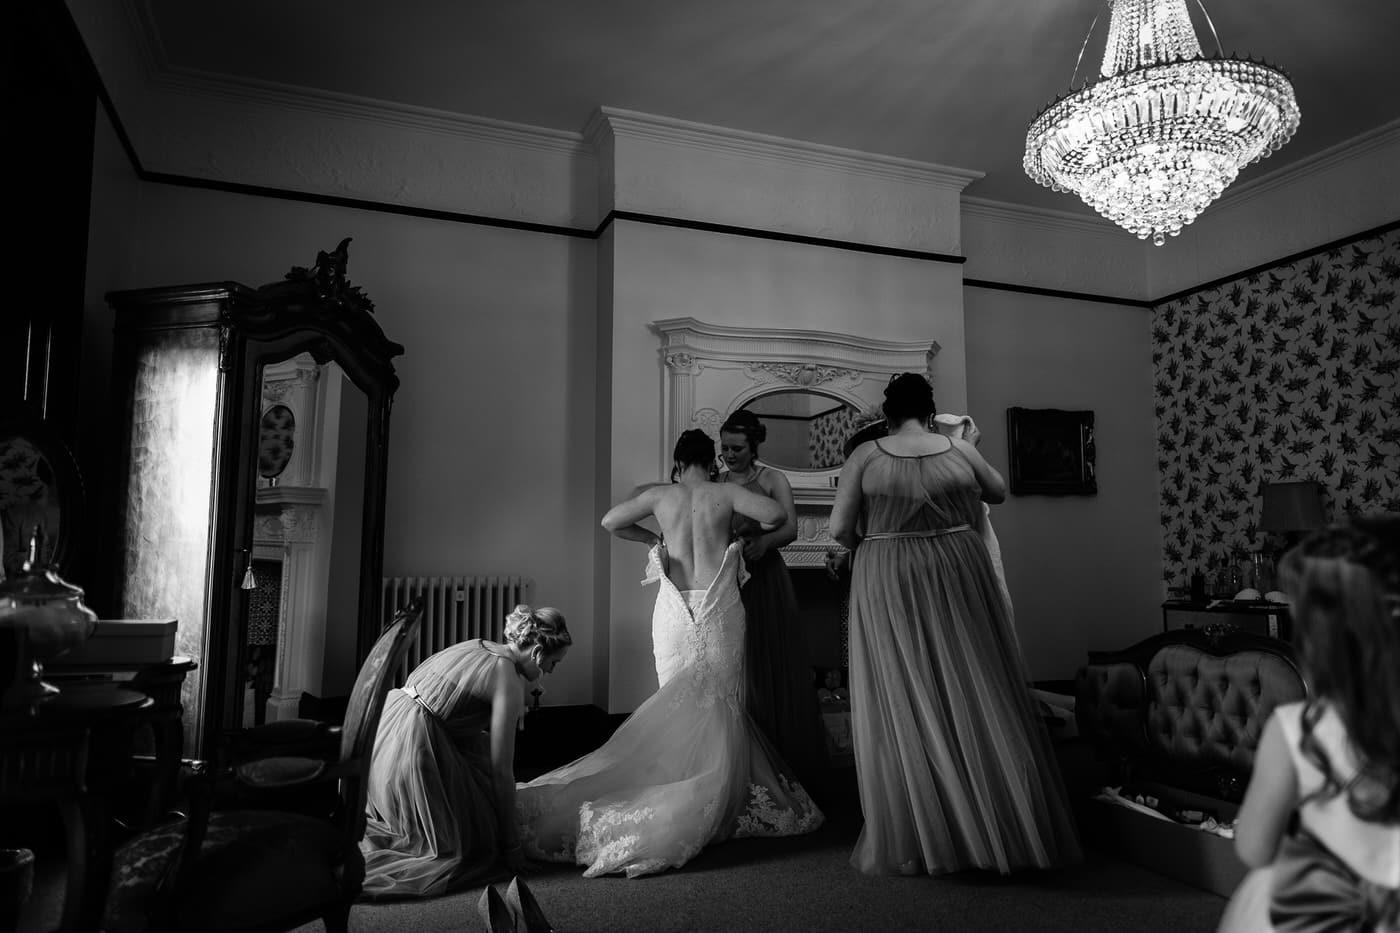 Bride getting her wedding dress on at Tyn Dwr Hall in Llangollen